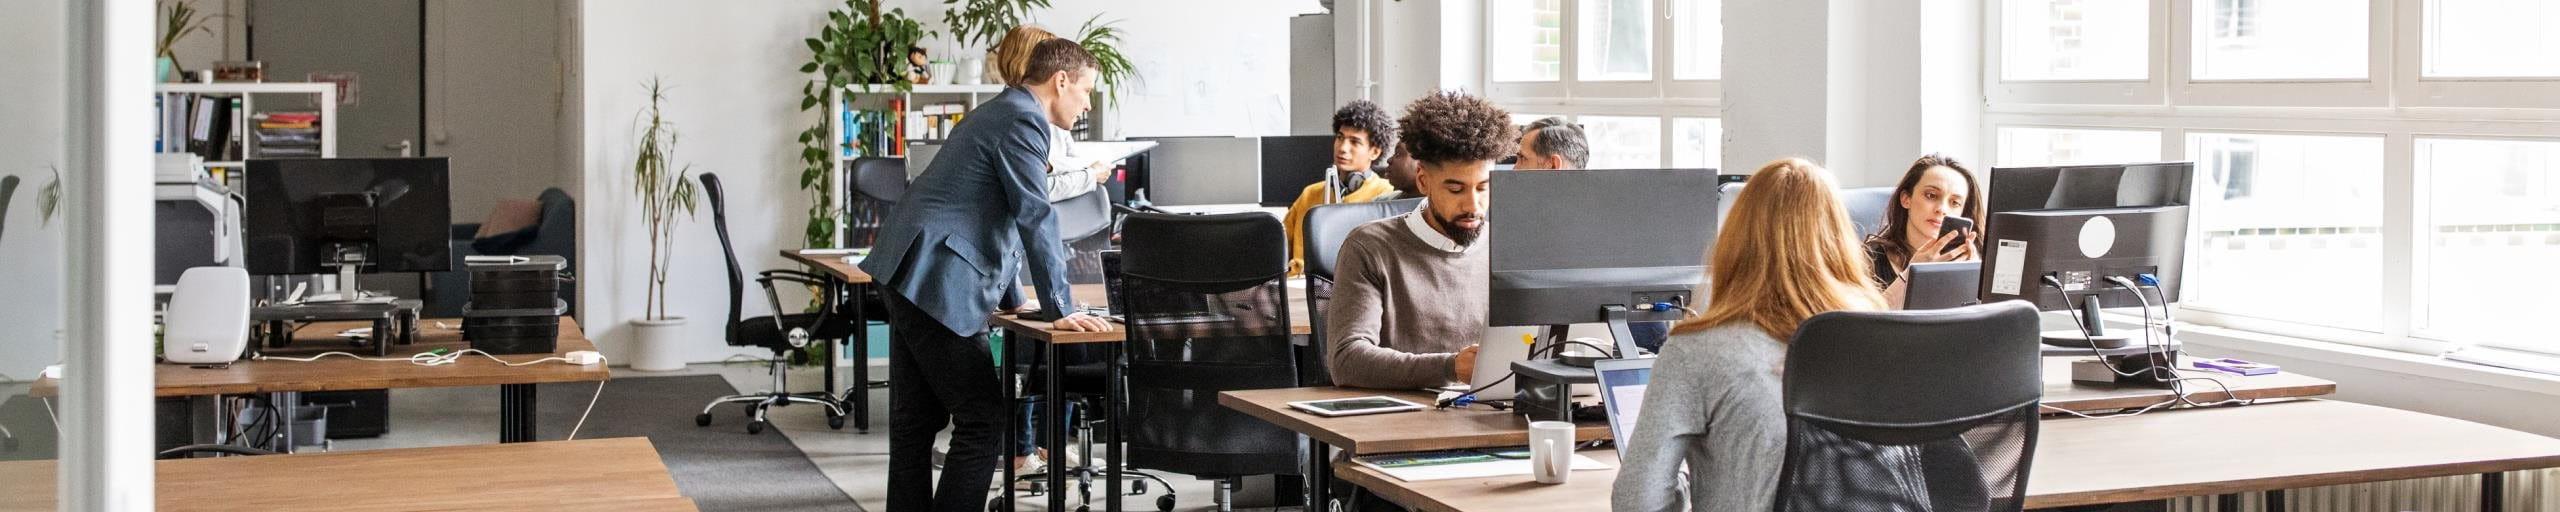 Lavorare in tempi di coronavirus: pochi dipendenti in ufficio